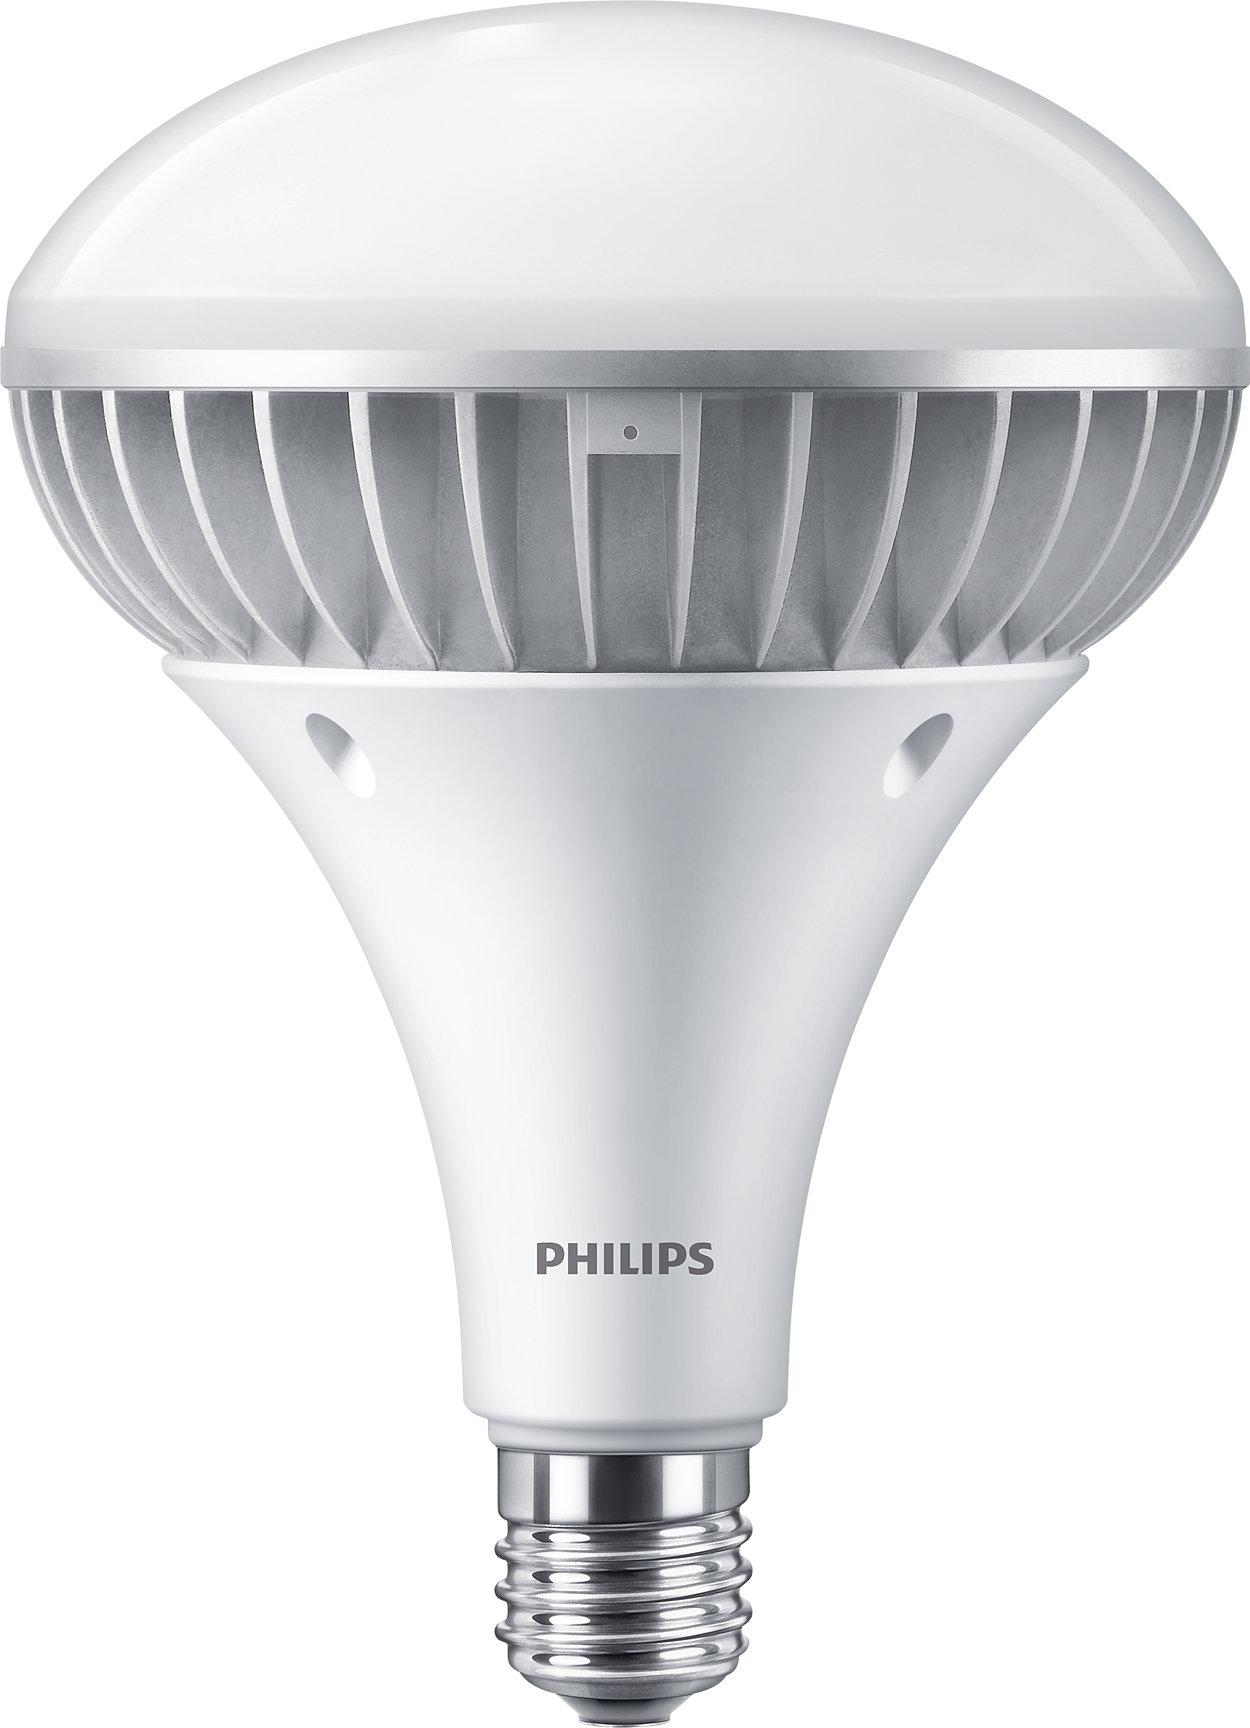 Idéal pour un remplacement LED HPI/SON/HPL dans les applications à grande hauteur